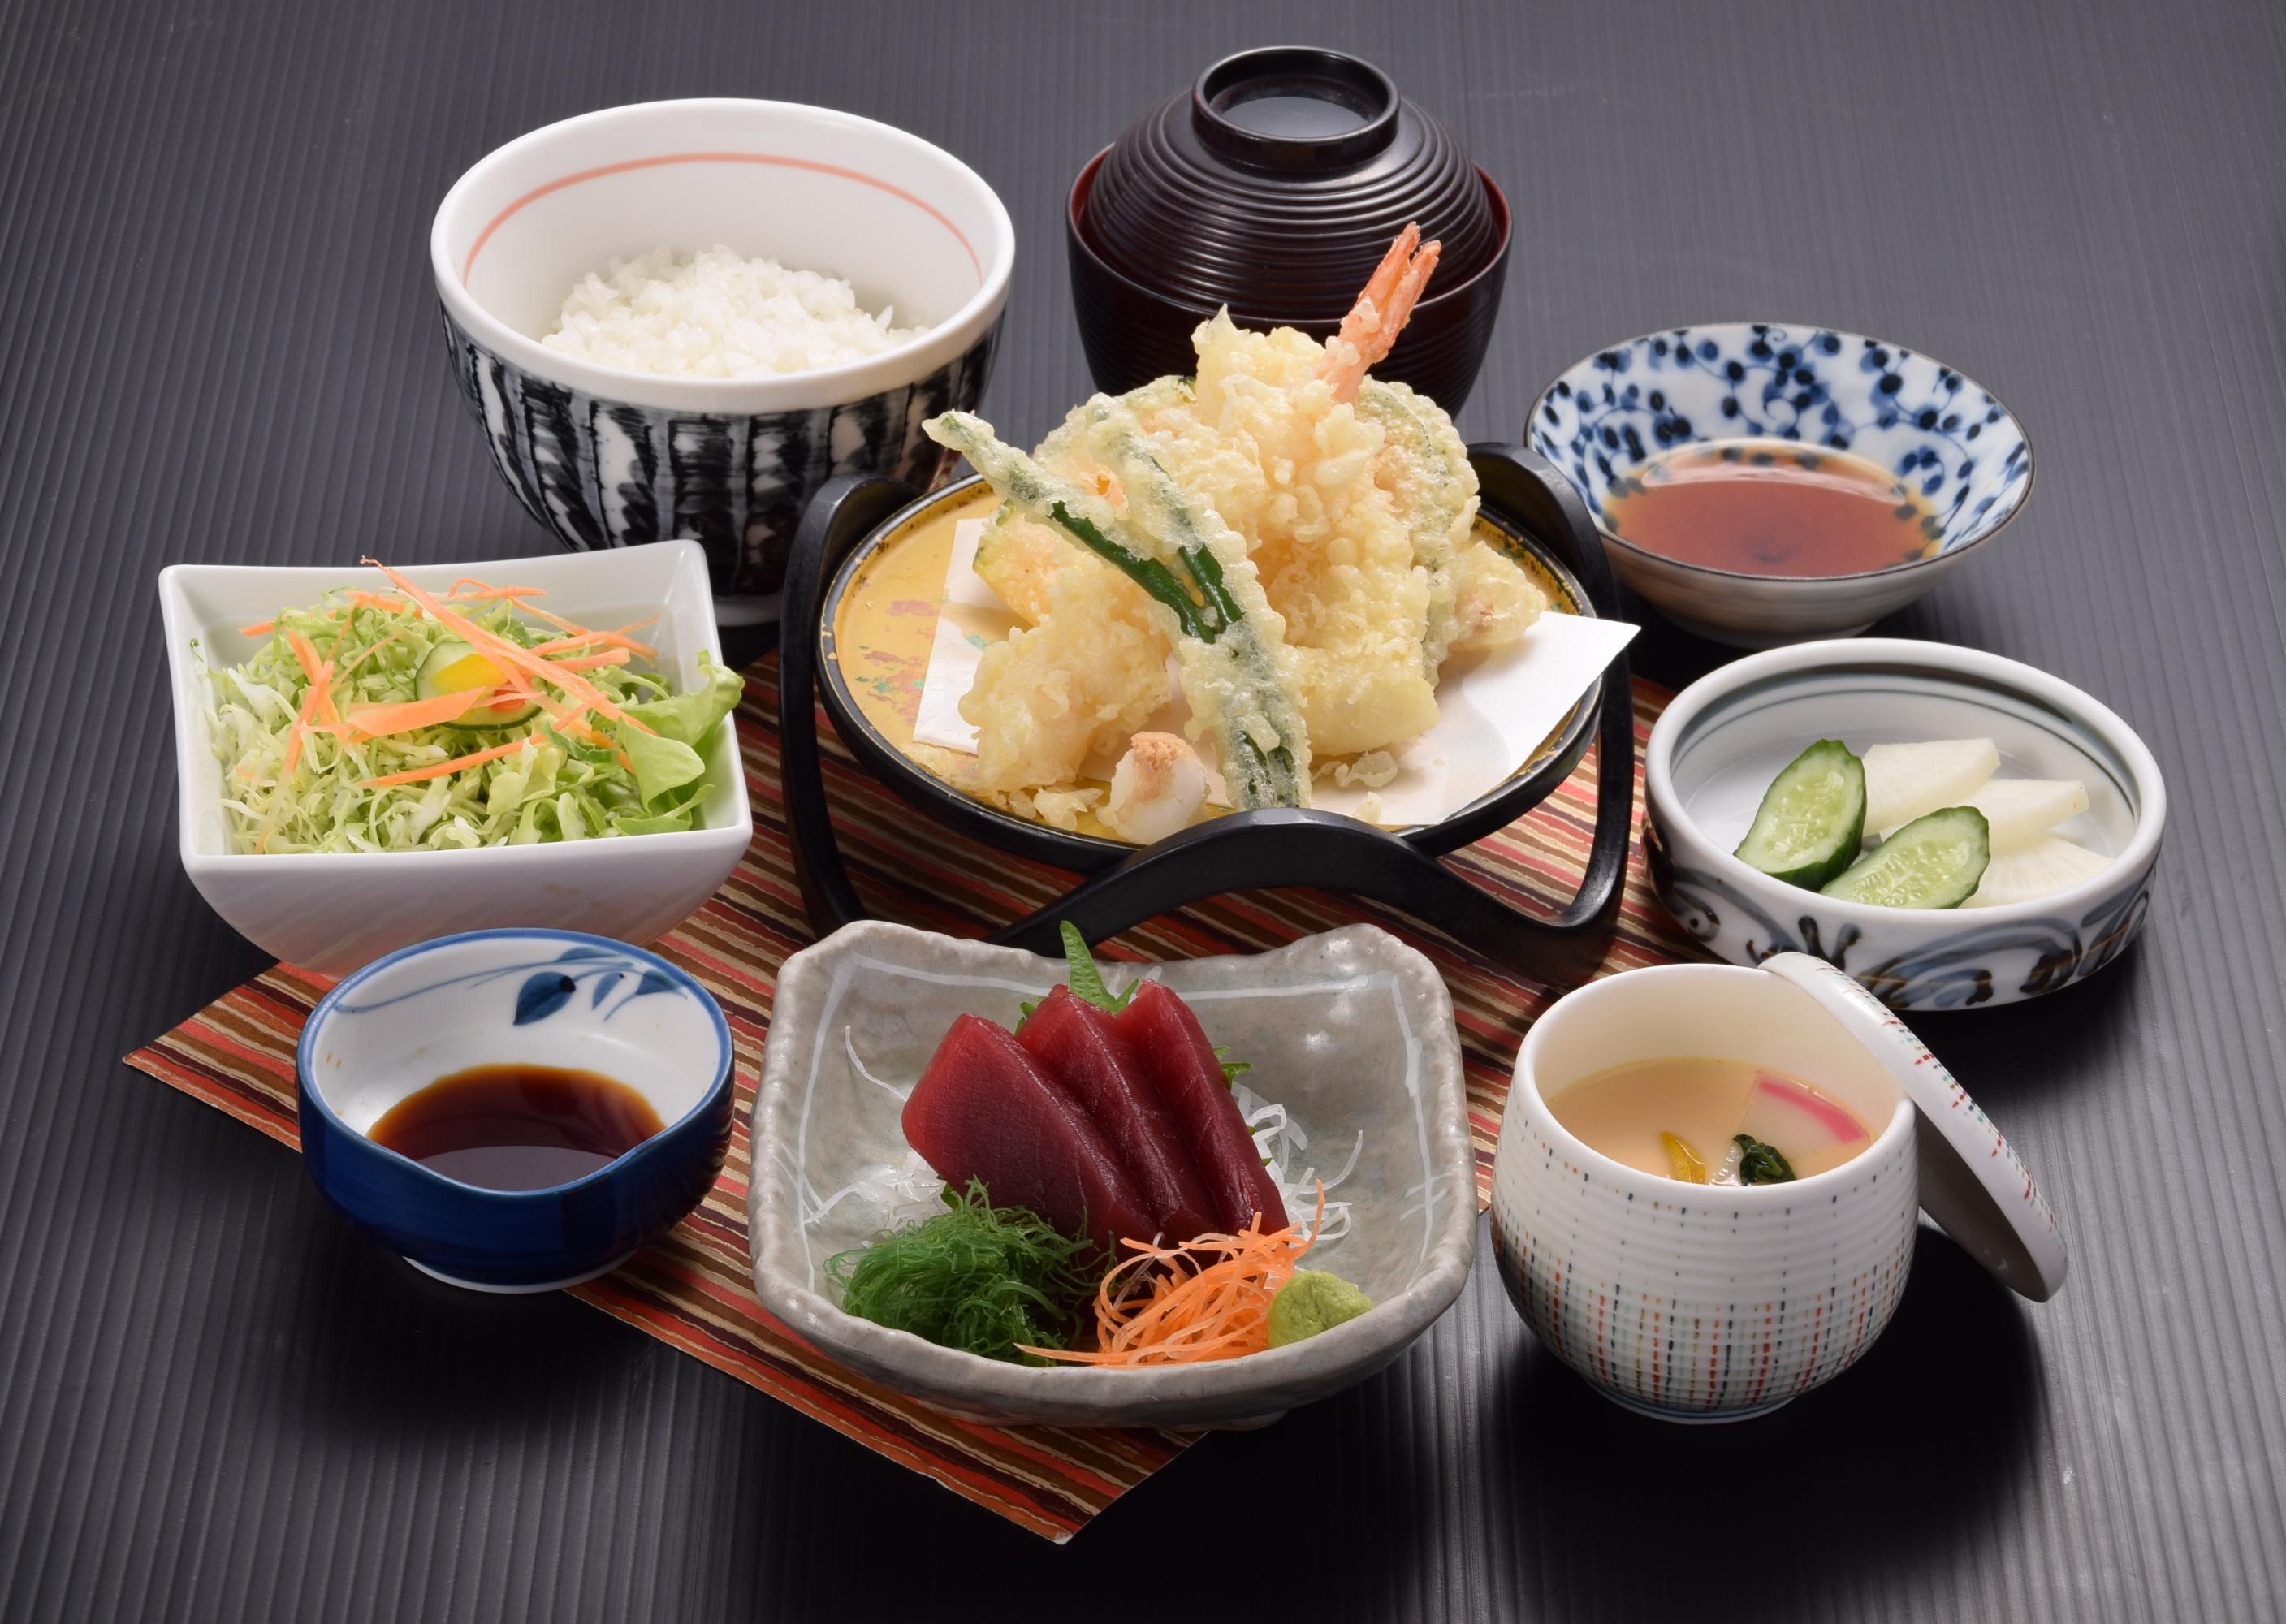 天ぷら刺身御膳ランチ,八街市,伊勢家,うまいのも処,各種ご会合,集いの席,予約,マイクロバス,お食事